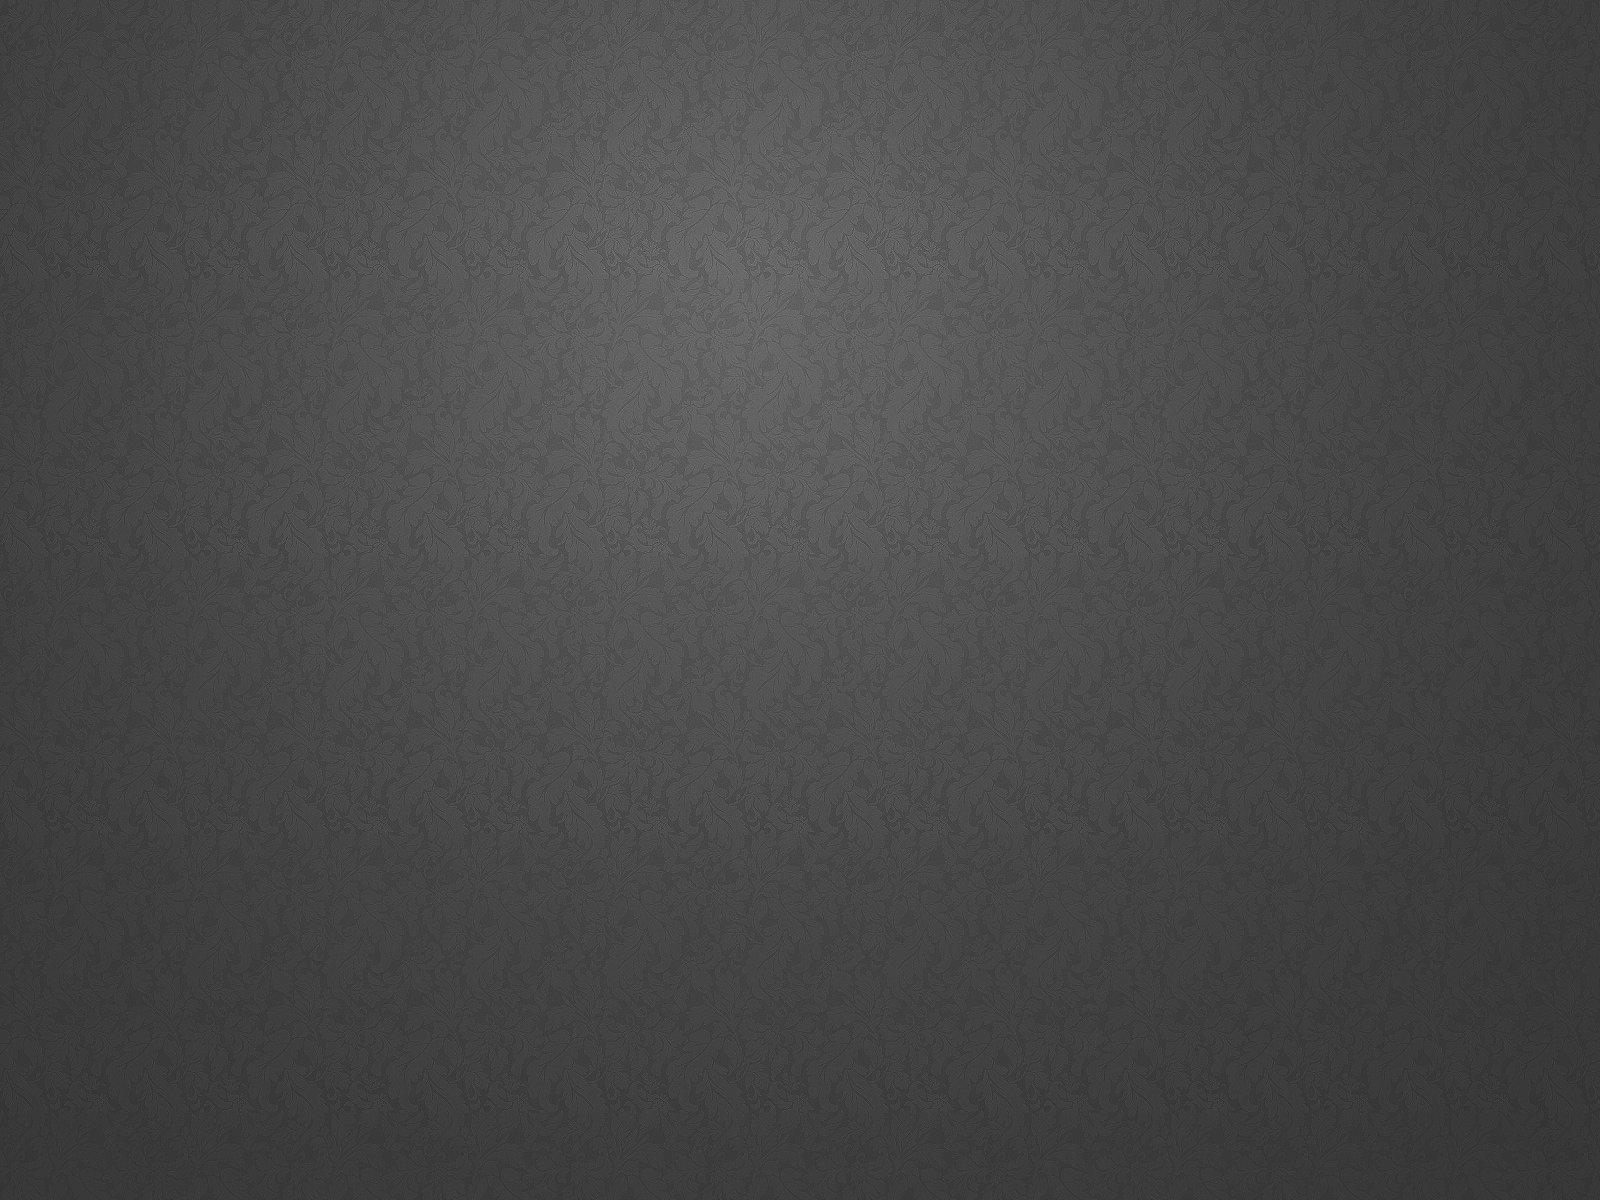 Обои текстура внезелей черно белые